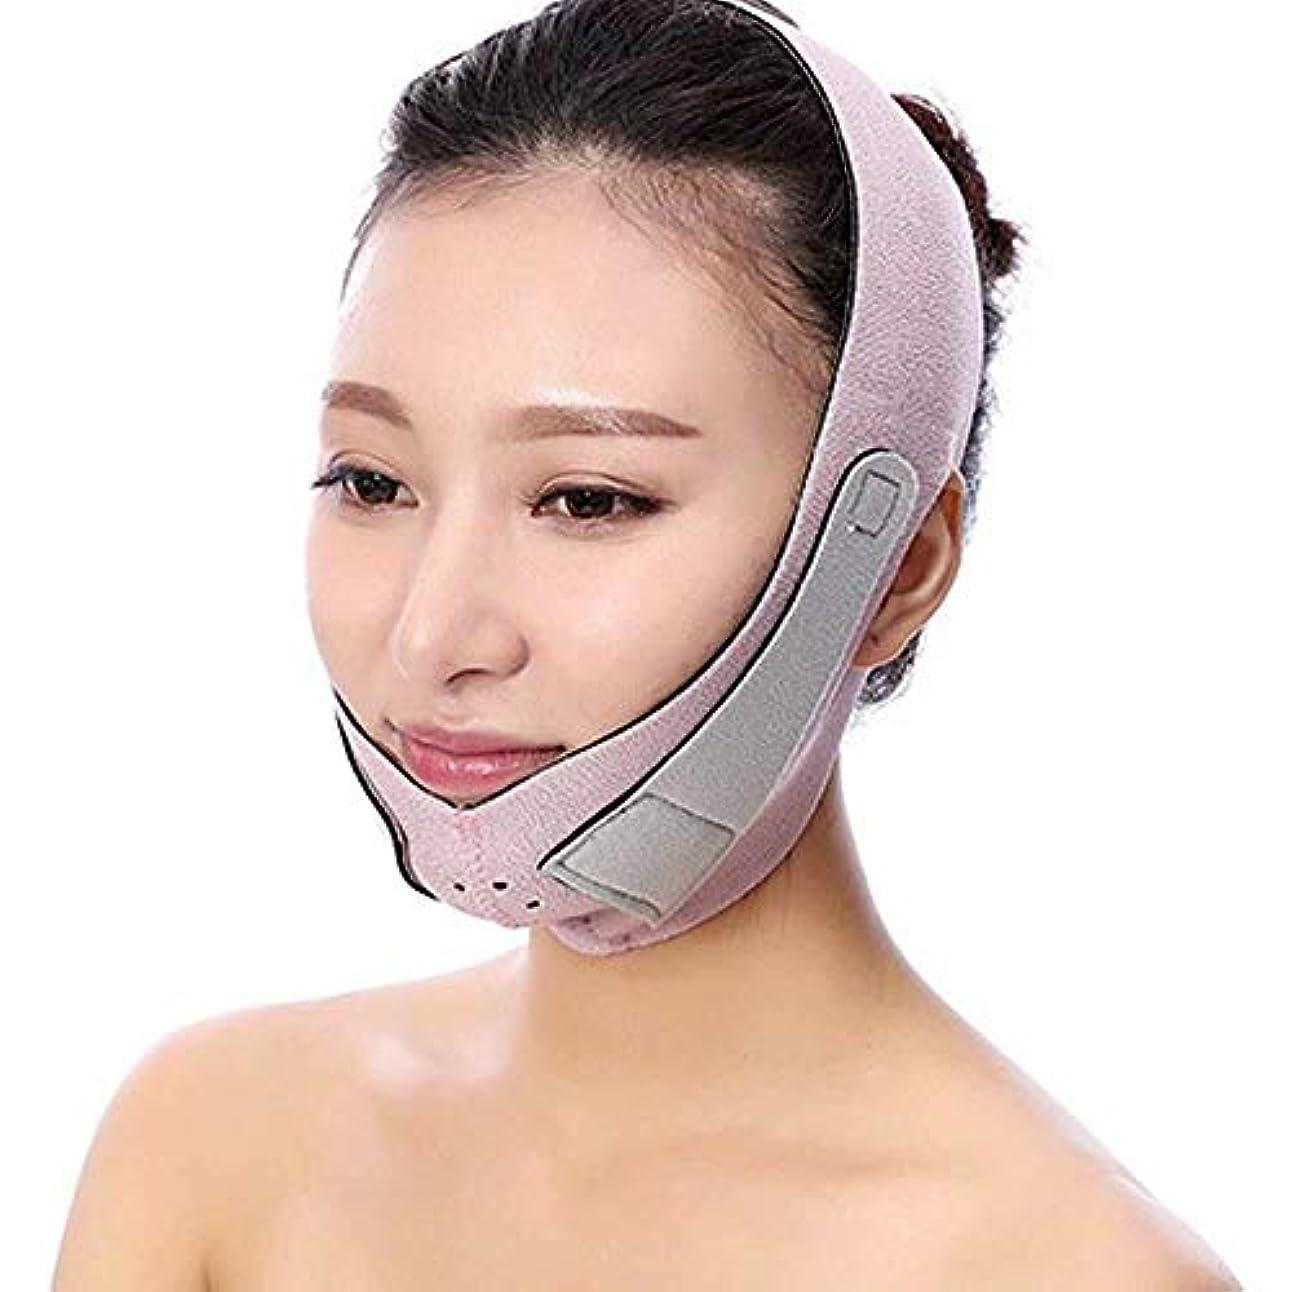 風景相互接続乱すJN 薄い顔バンド、スリープフェイス包帯?フェイシャルリフティング帽子?フェイシャルリフティングアンチ圧力マスクダブルチンリデューサー、2色 たるみ防止マスク (Color : A)